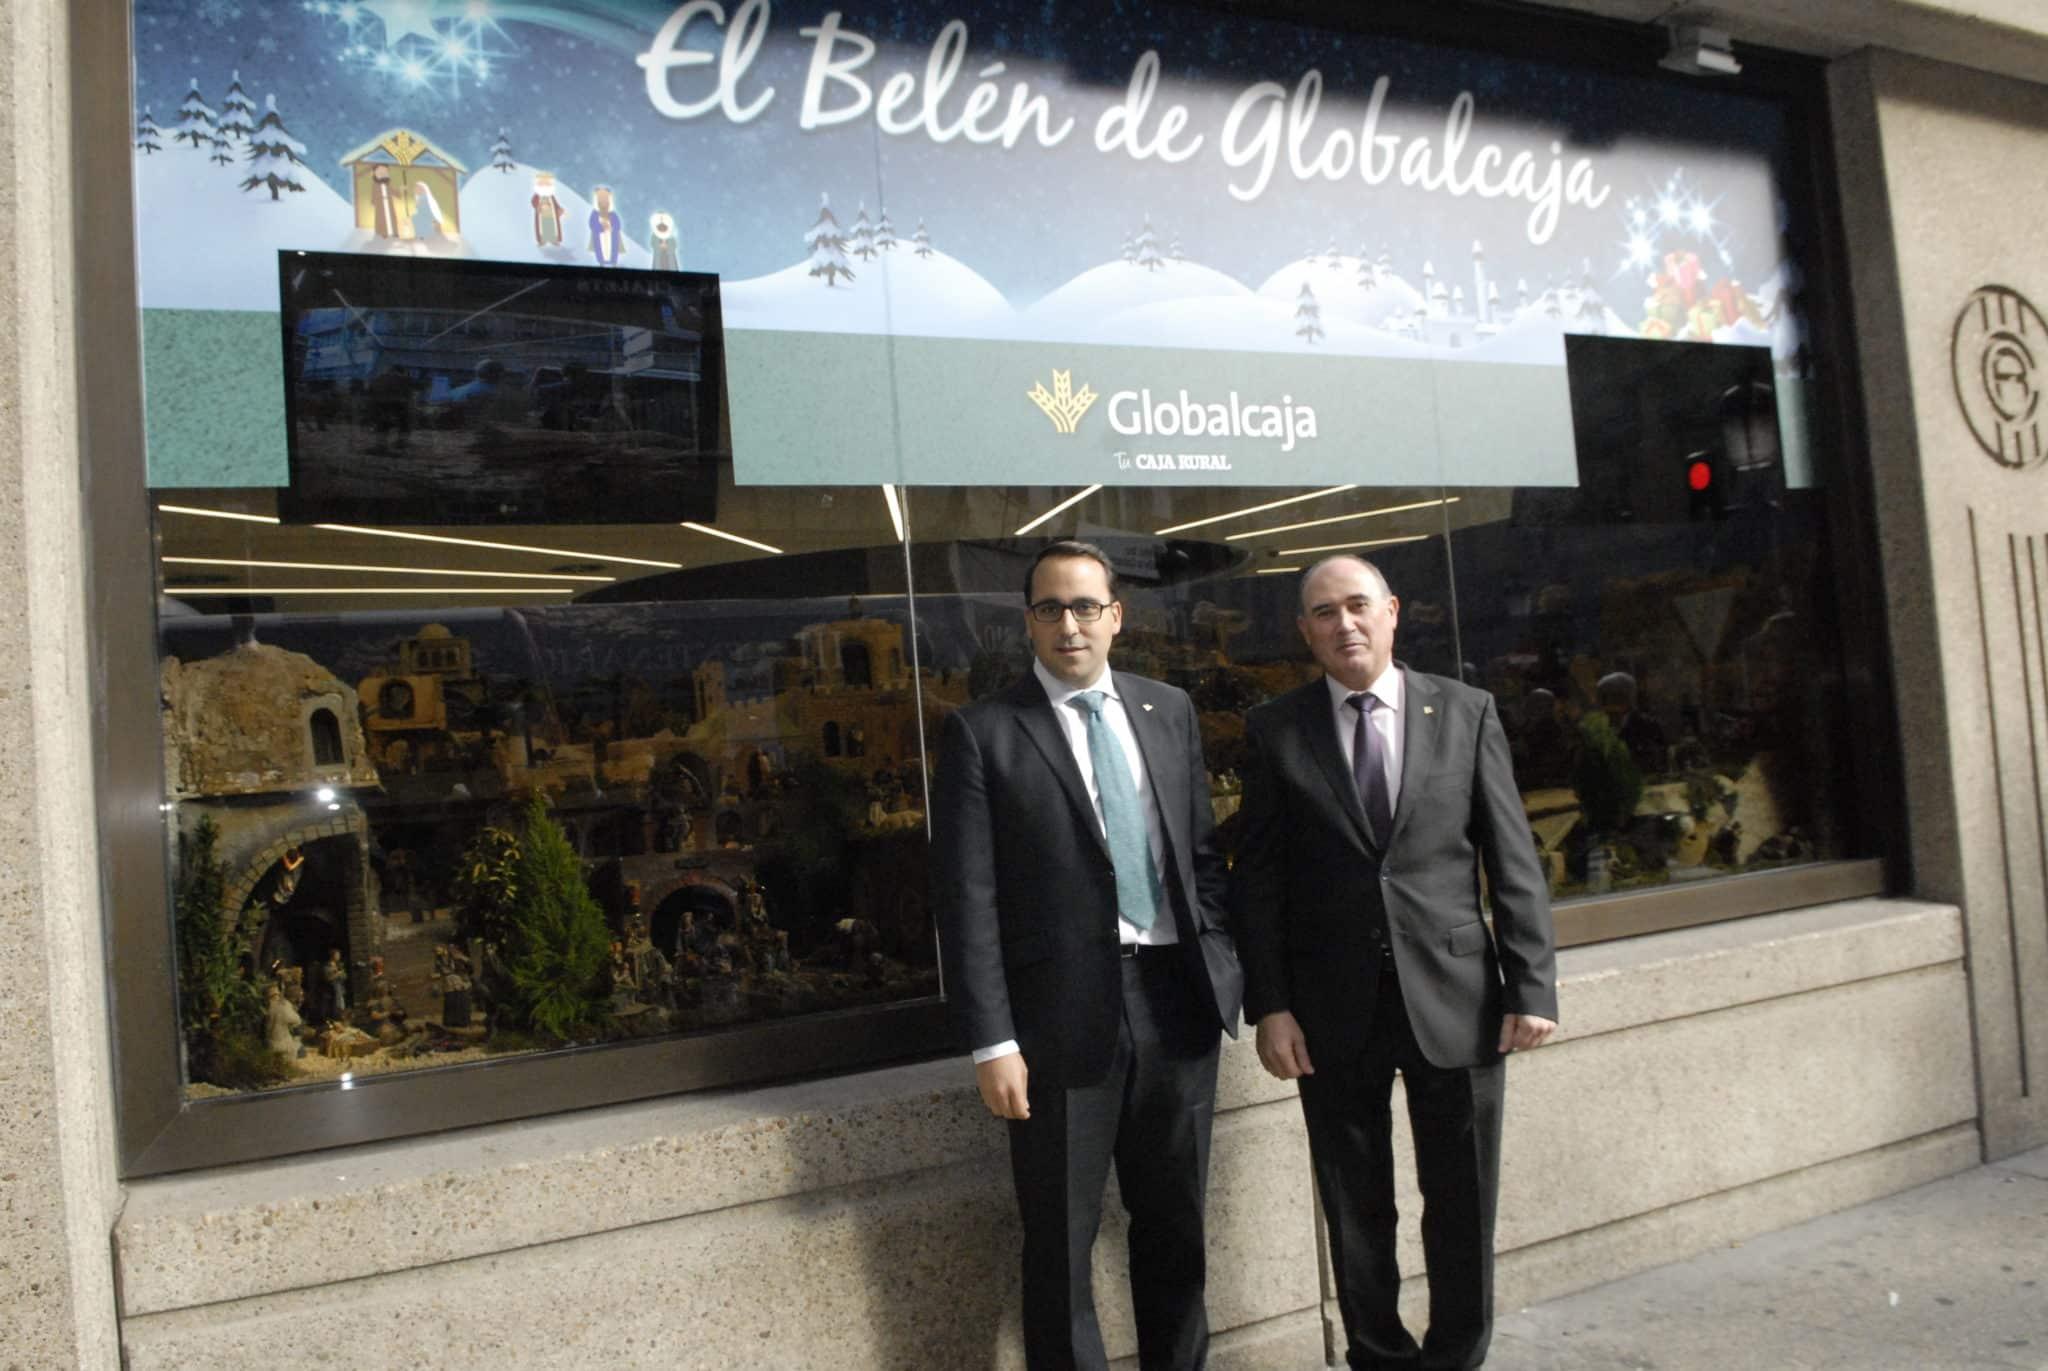 https://blog.globalcaja.es/wp-content/uploads/2015/12/belen-globalcaja-.jpg